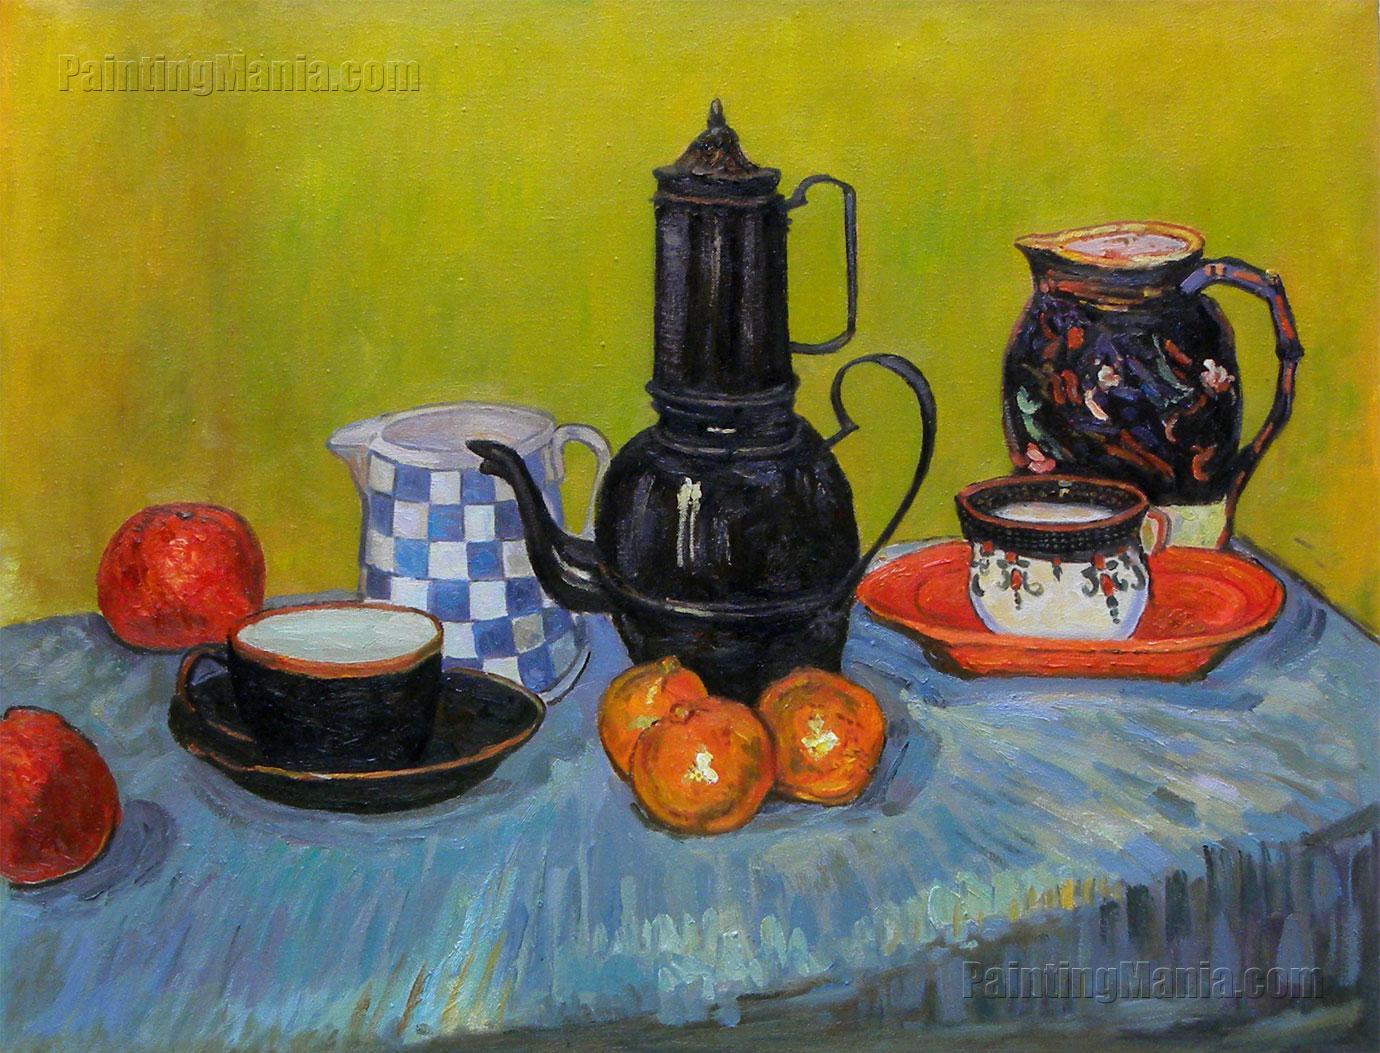 Still Life - Blue Enamel Coffeepot, Earthenware and Fruit